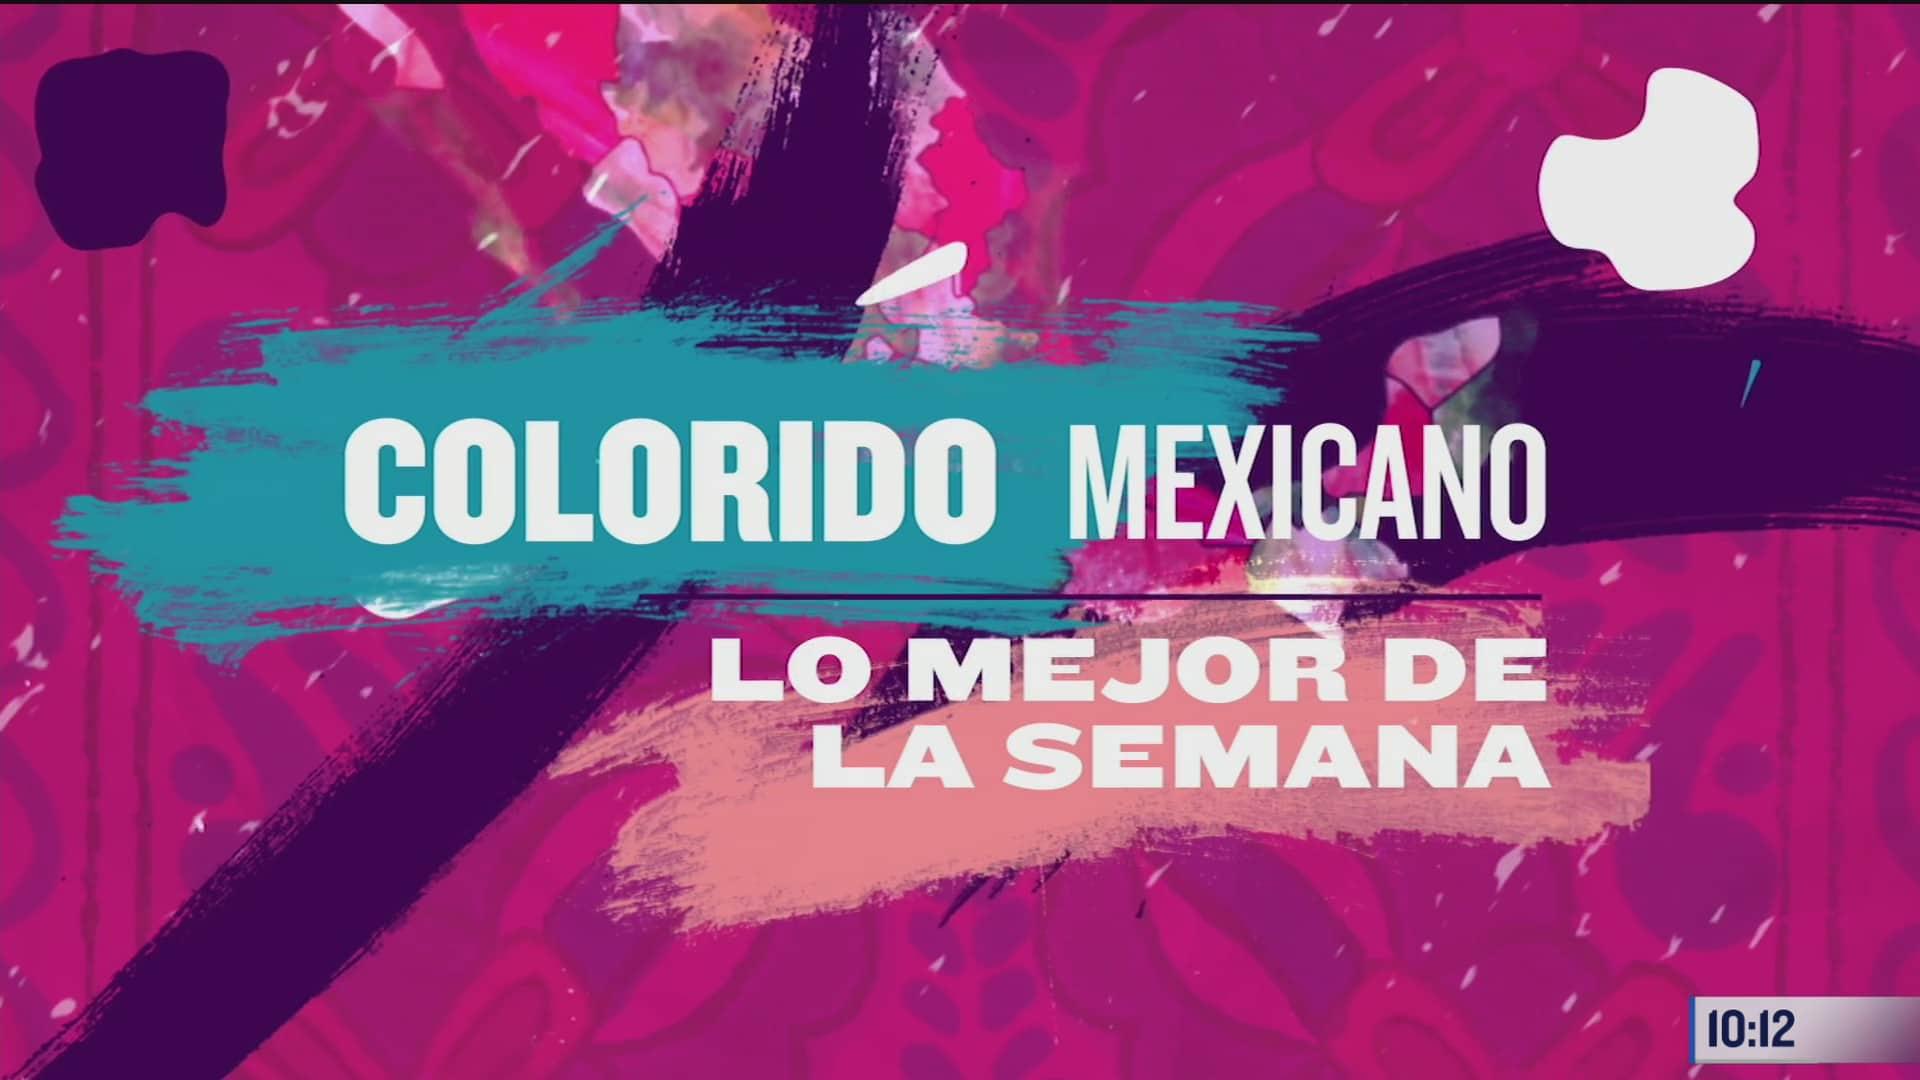 resumen semanal del colorido por la republica mexicana